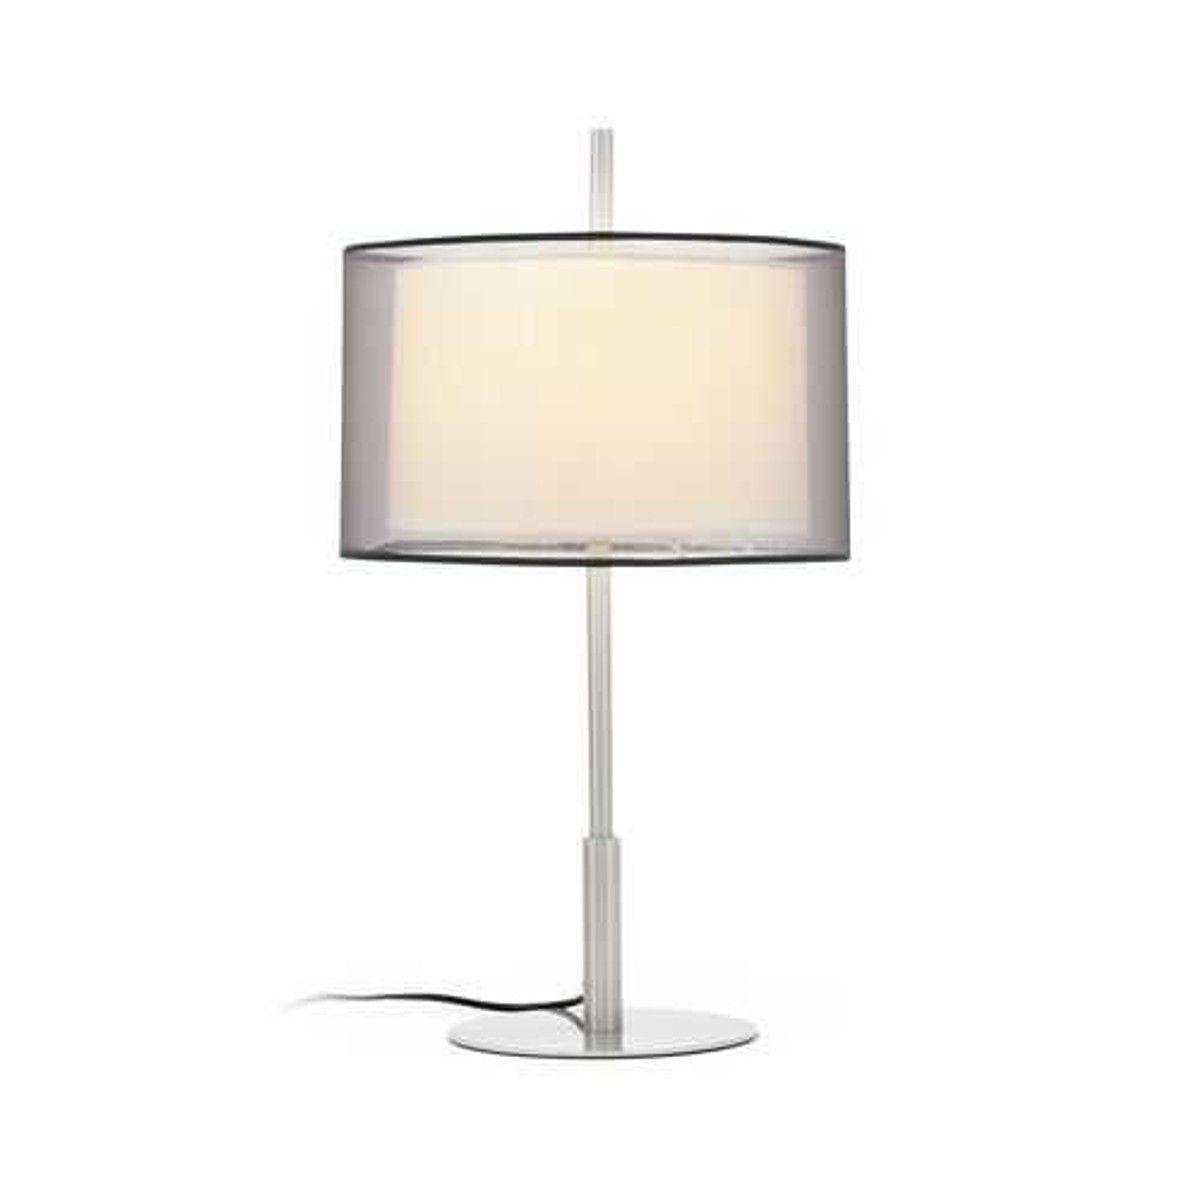 Lampe 60 Cm 40w Saba Lampes De Table Lampe A Poser Design Et Lampe Design